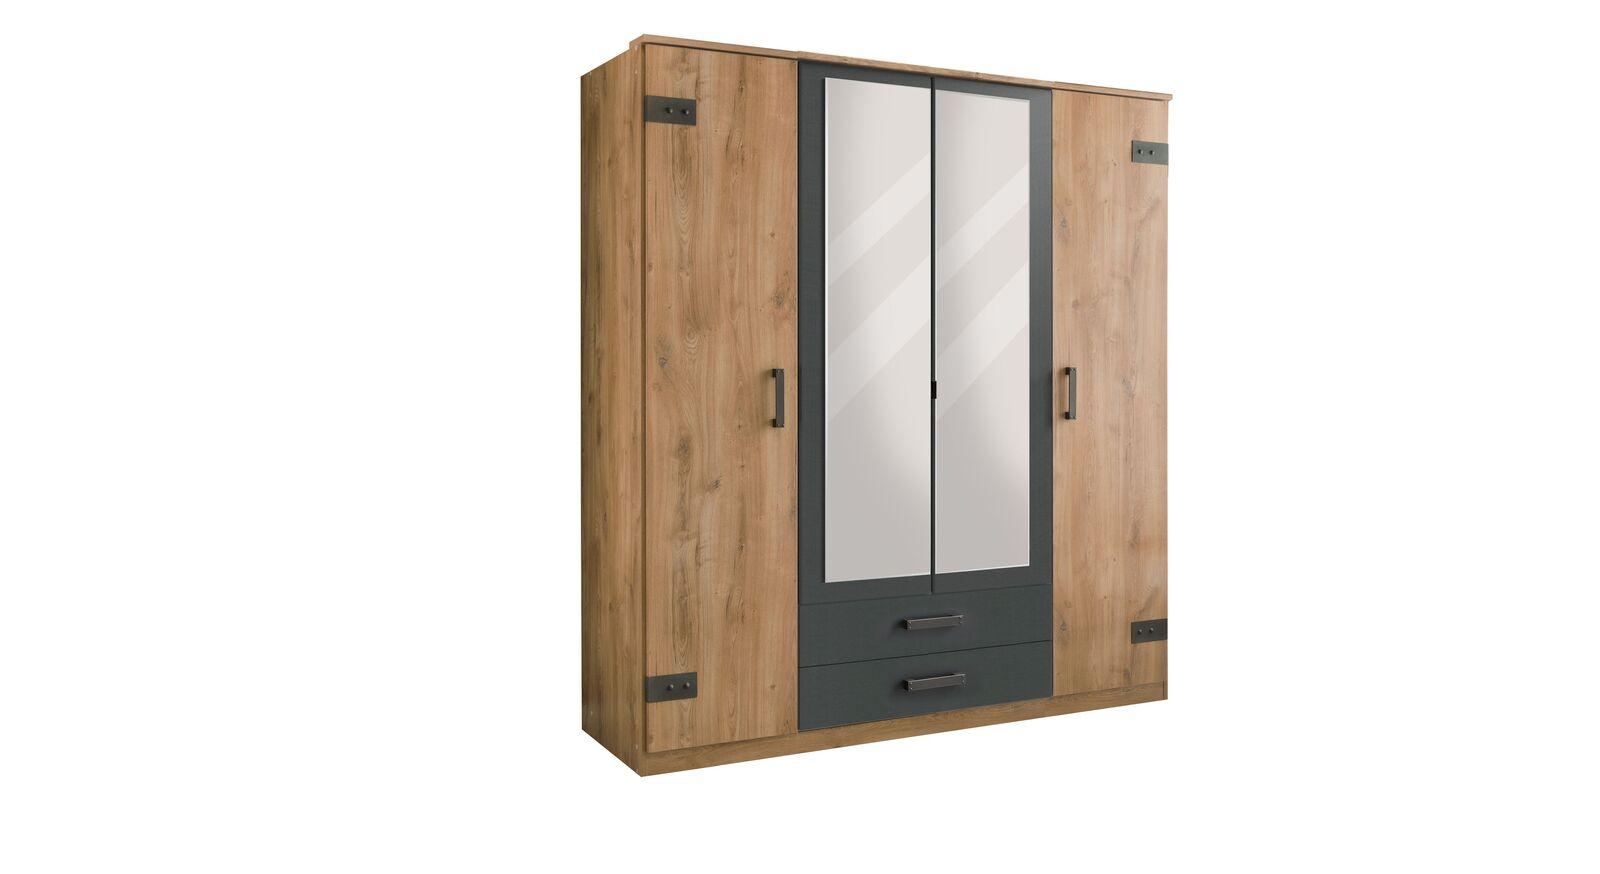 Funktions-Kleiderschrank Borlotto mit vier Türen